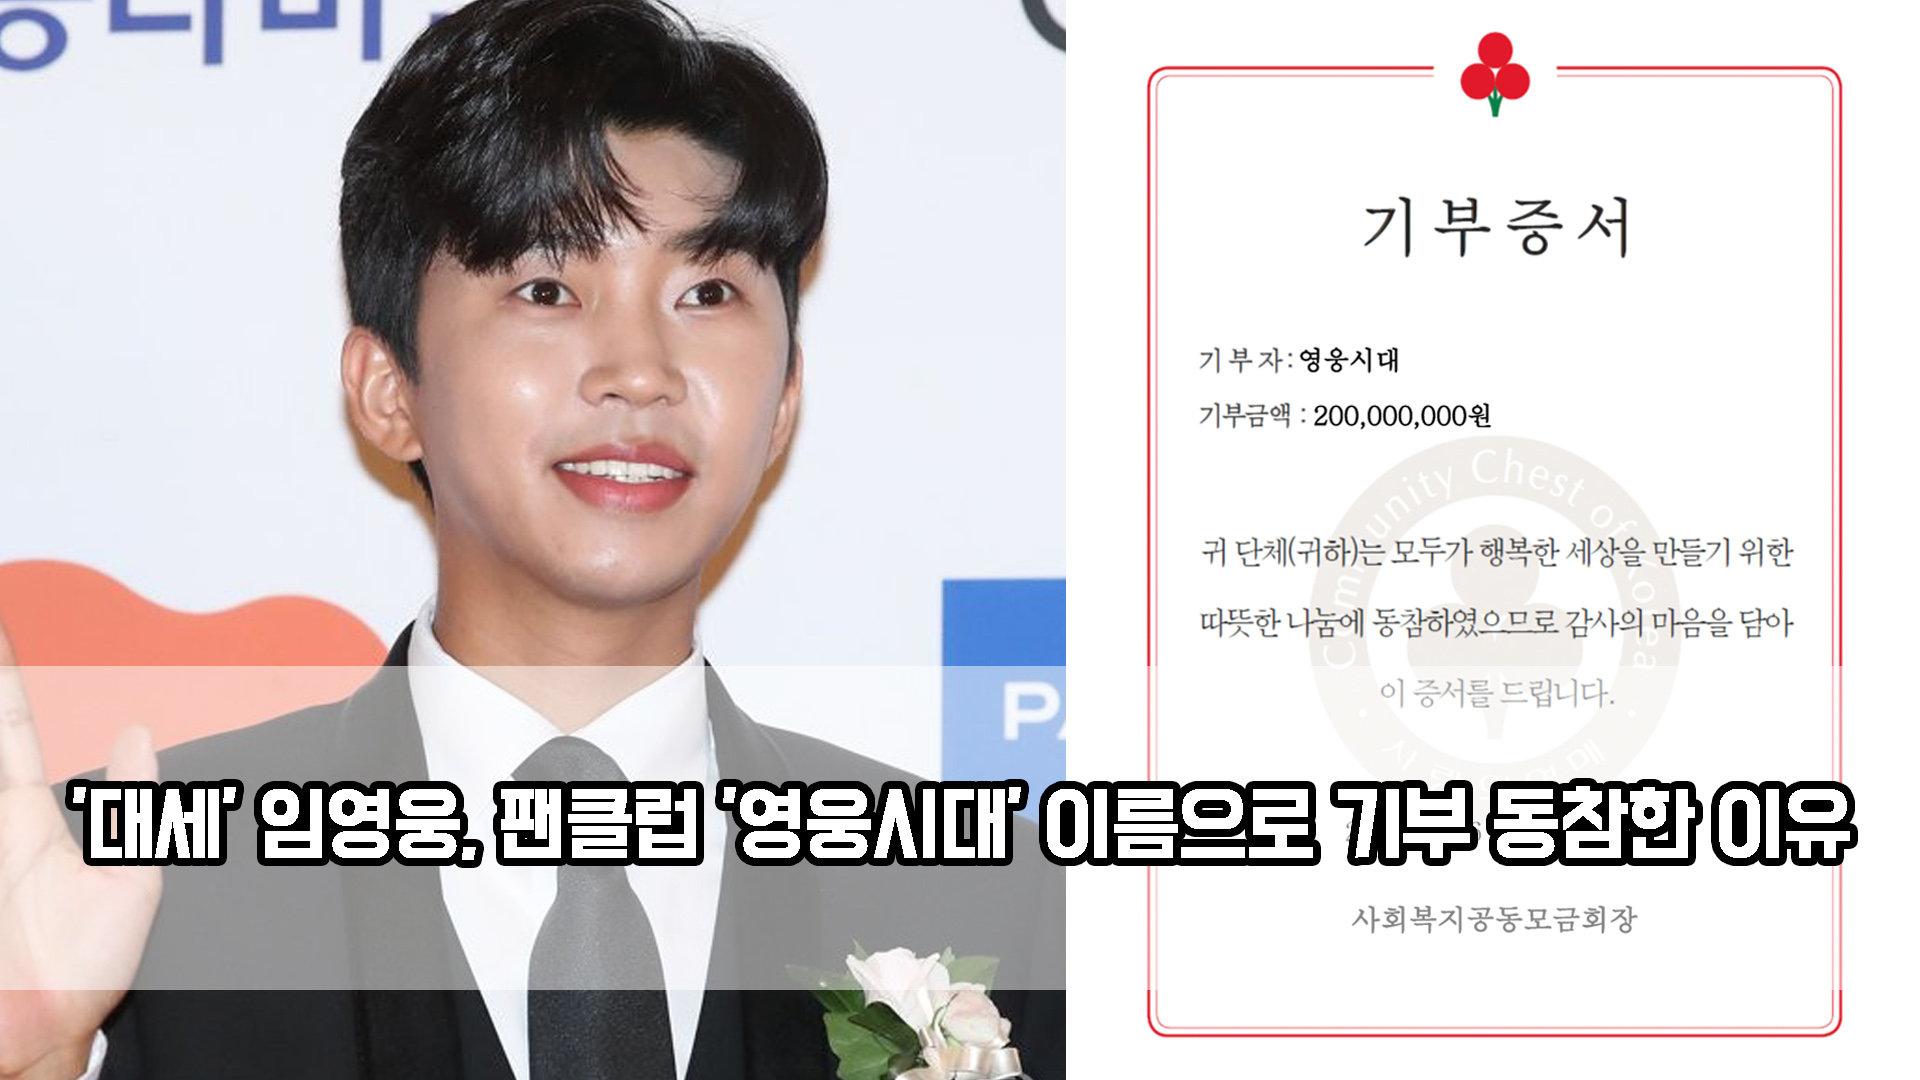 ′대세′ 임영웅, 팬클럽 ′영웅시대′ 이름으로 기부 동참한 이유